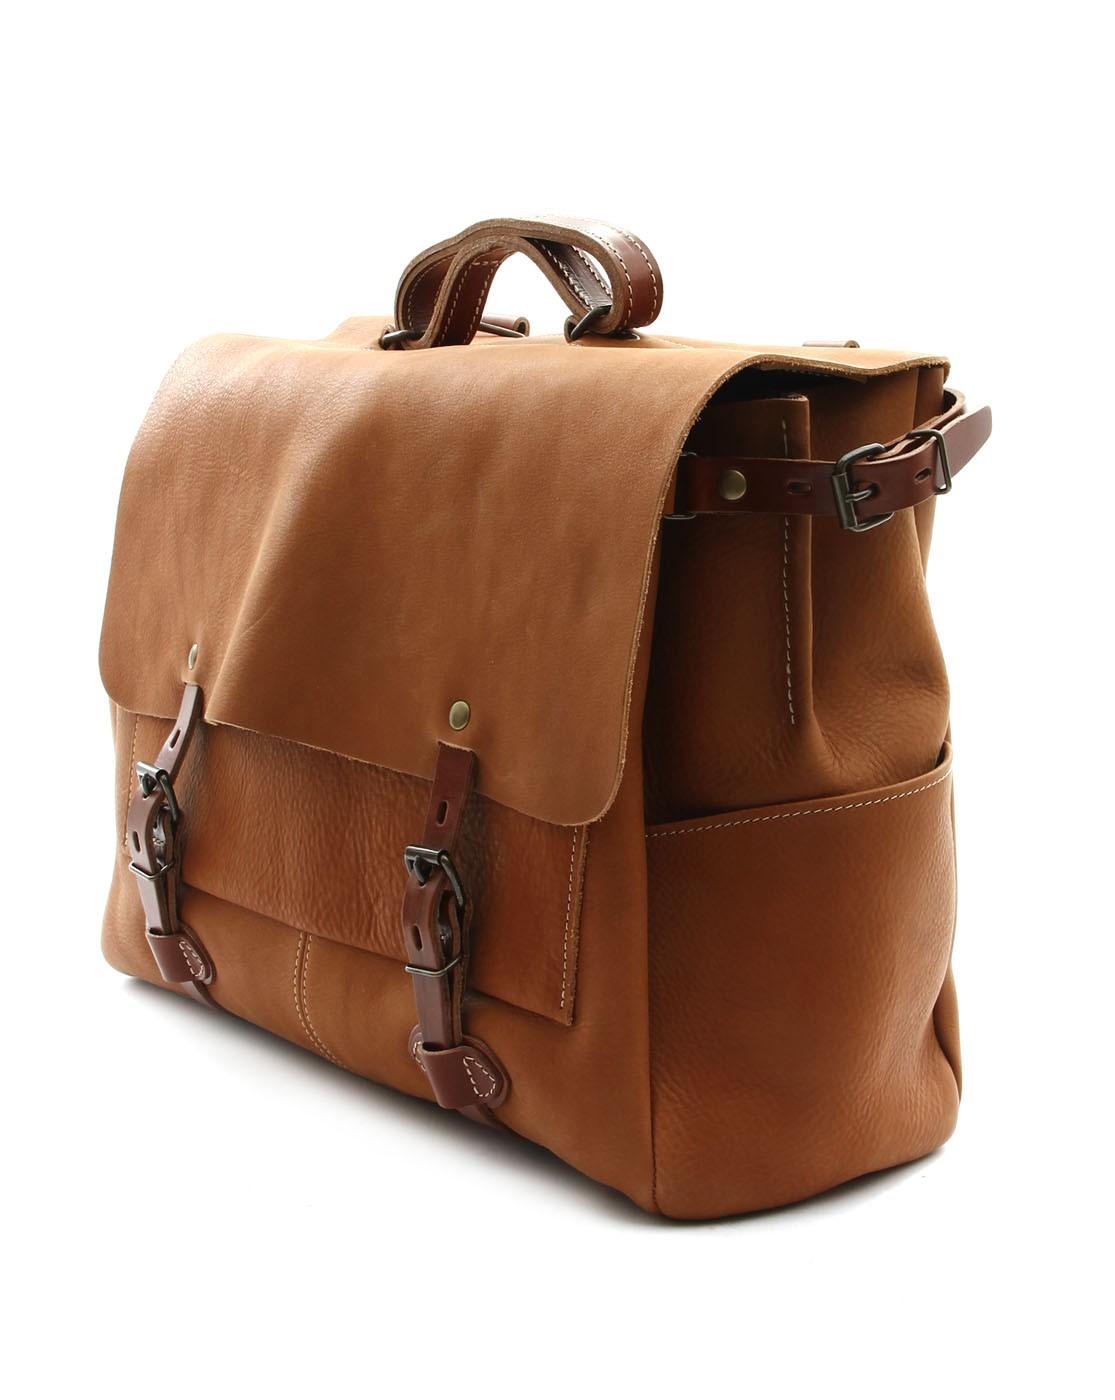 Bien connu Quelle sacoche homme tendance acheter pour la rentrée 2012 ? MK74